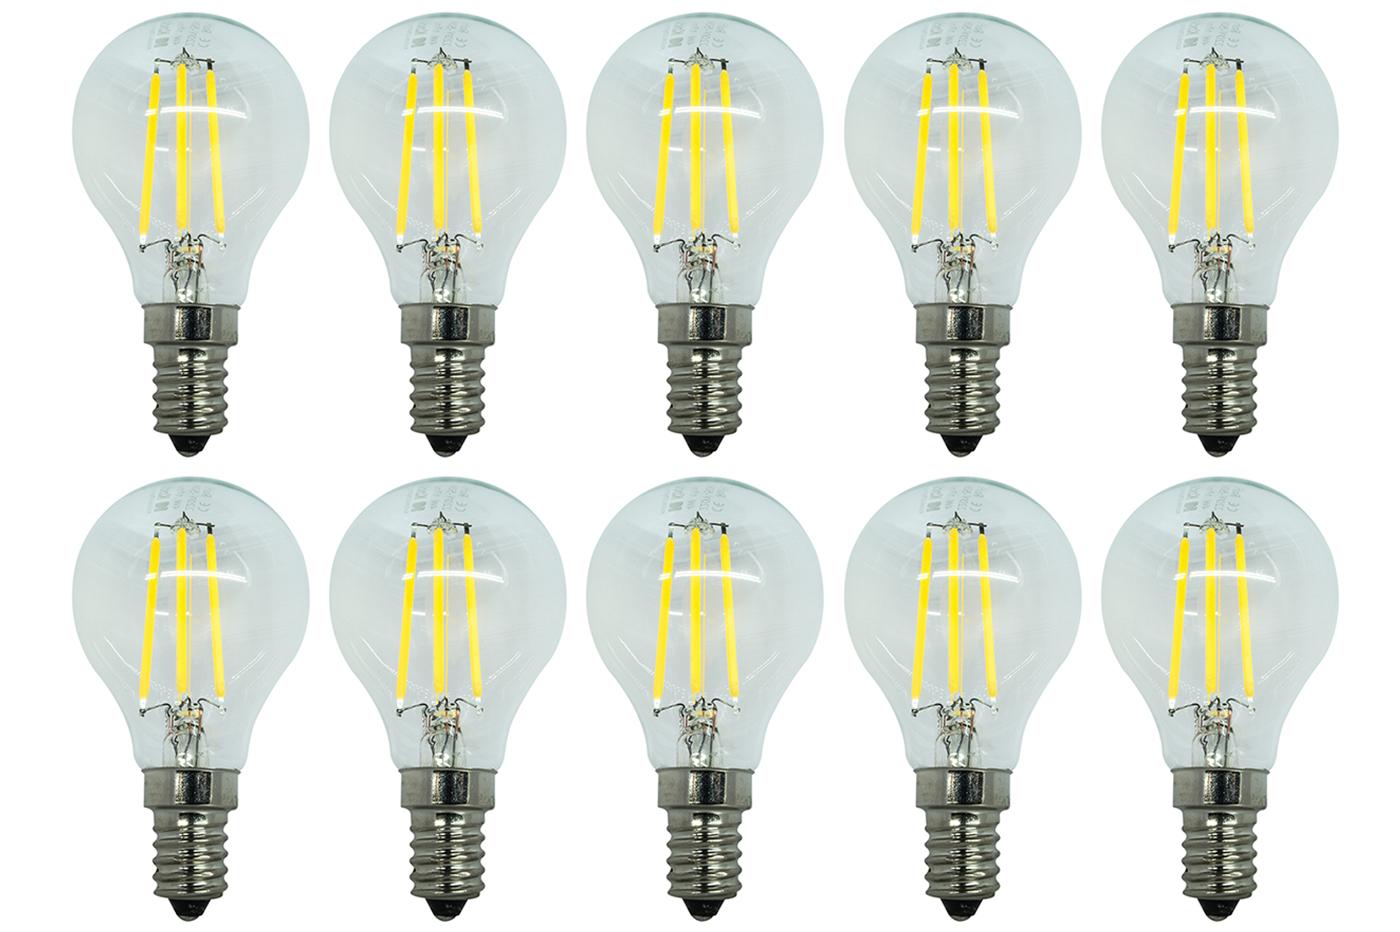 Lampade Globo A Basso Consumo : Bes lampadine e adattatori beselettronica lampadina